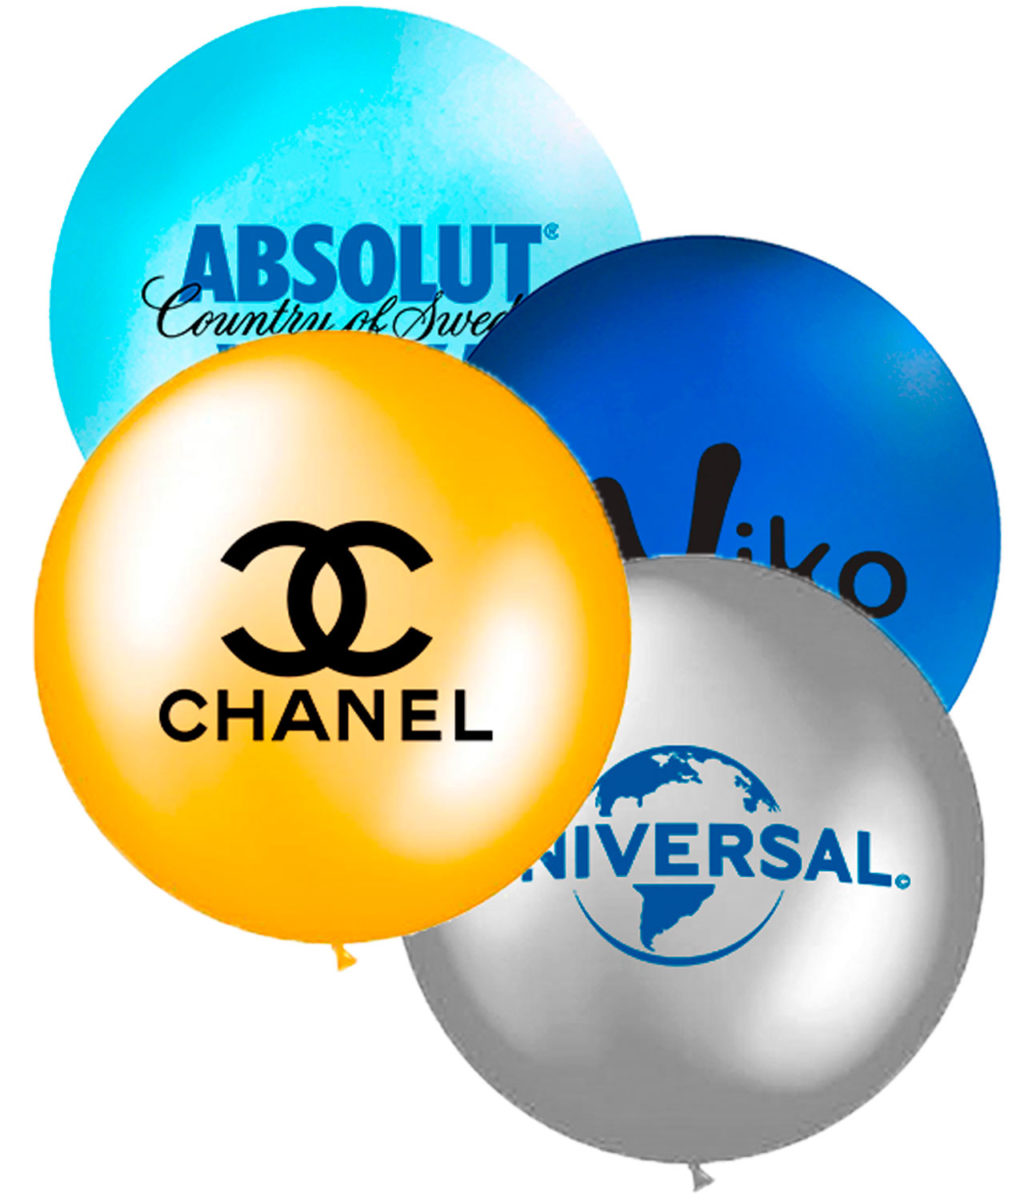 globos giganges de helio